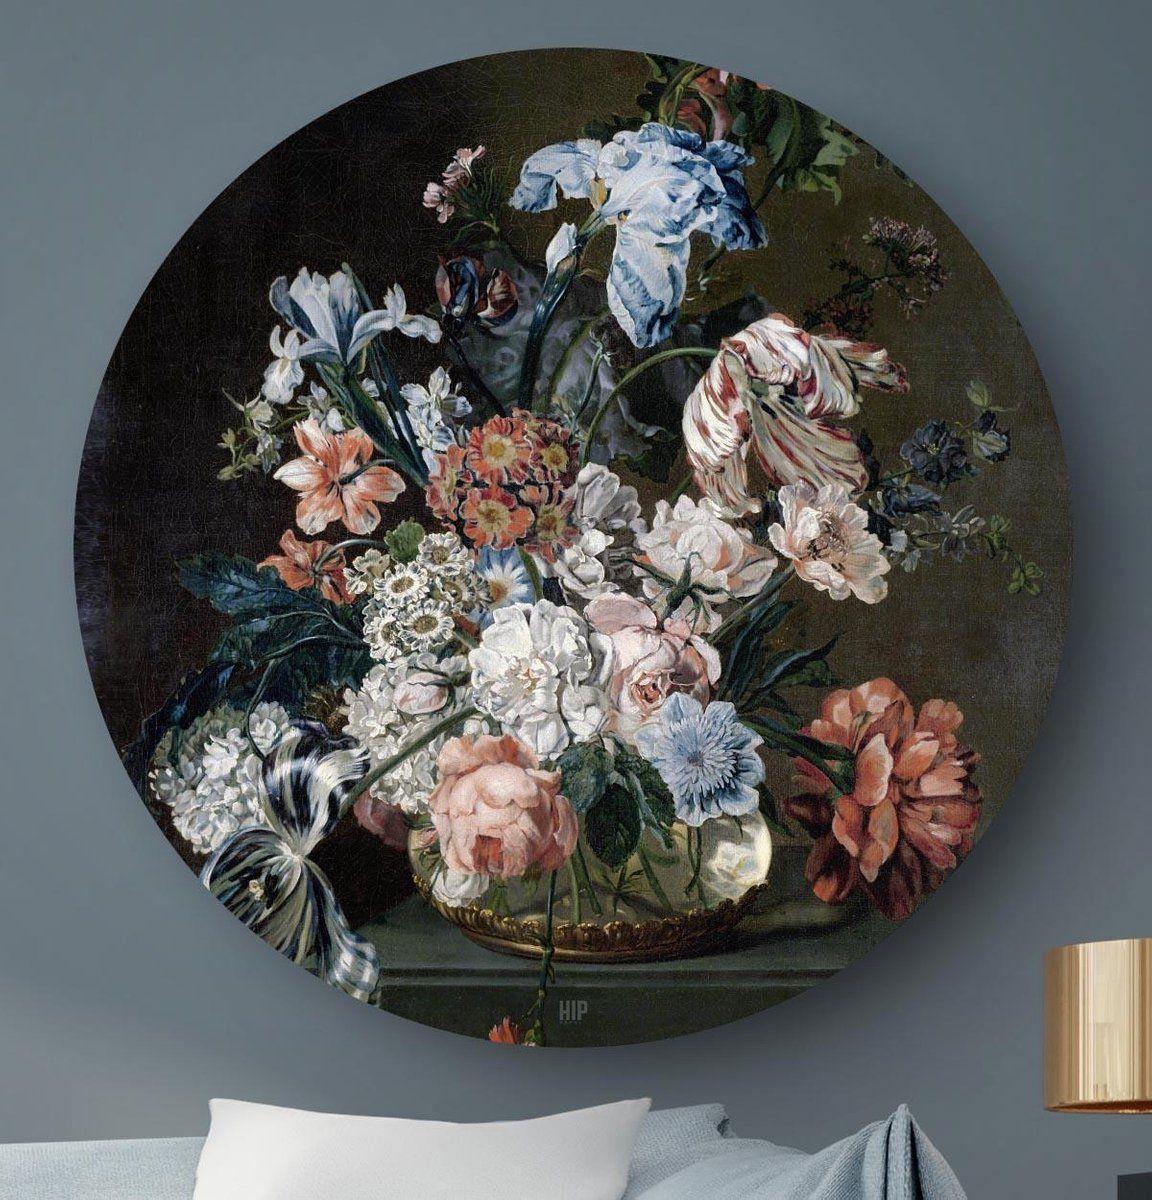 Hip Orgnl Schilderij Stilleven Met Bloemen Van Der Mijn 40cm Wandcirkel In 2021 Schilderij Bloemenschilderijen Bloemen